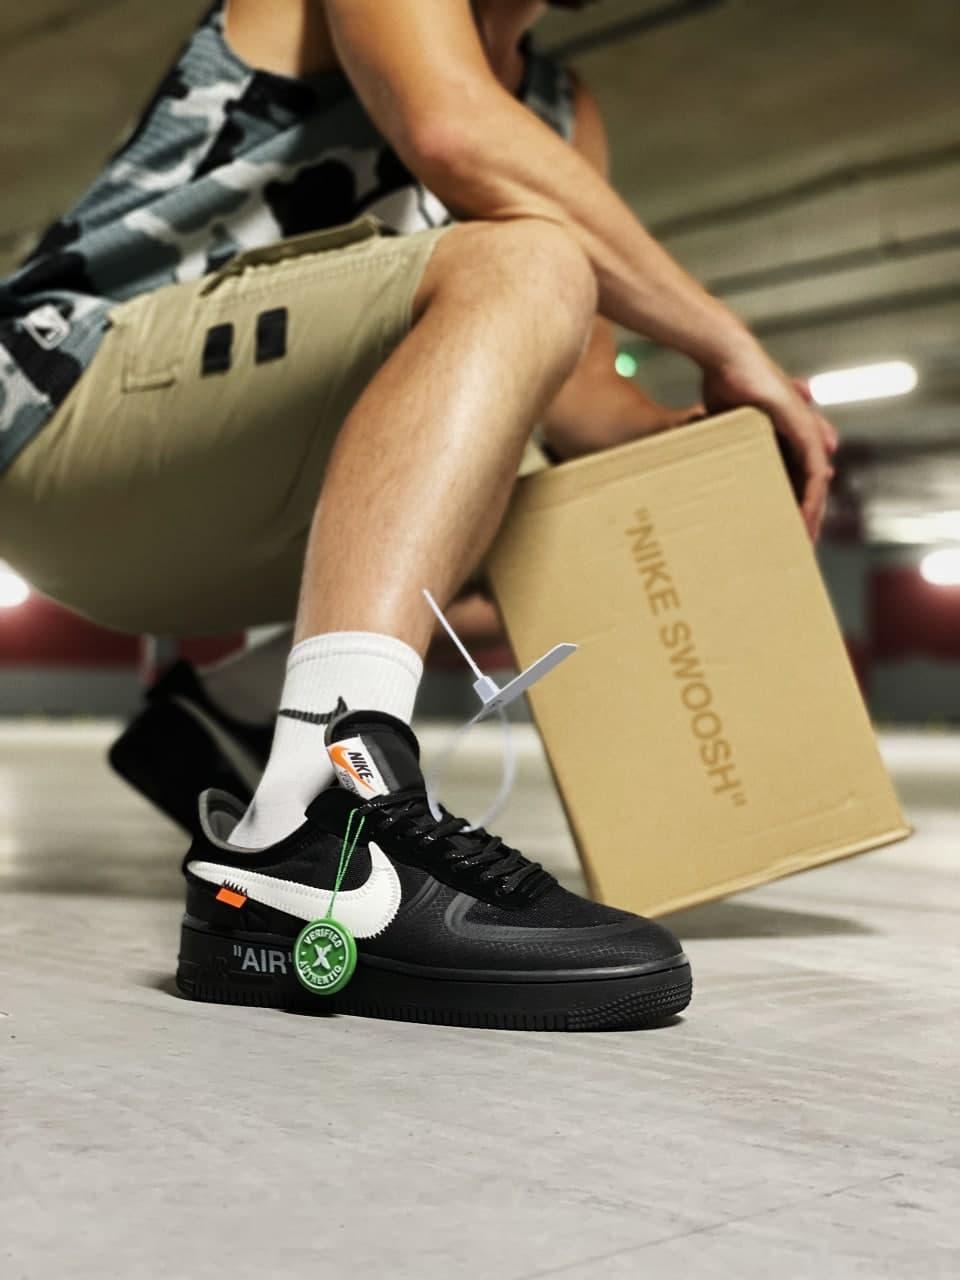 Чоловічі кросівки OFF-WHITE x Nike Air Force 1 Low (чорні) якісна стильне взуття J3103